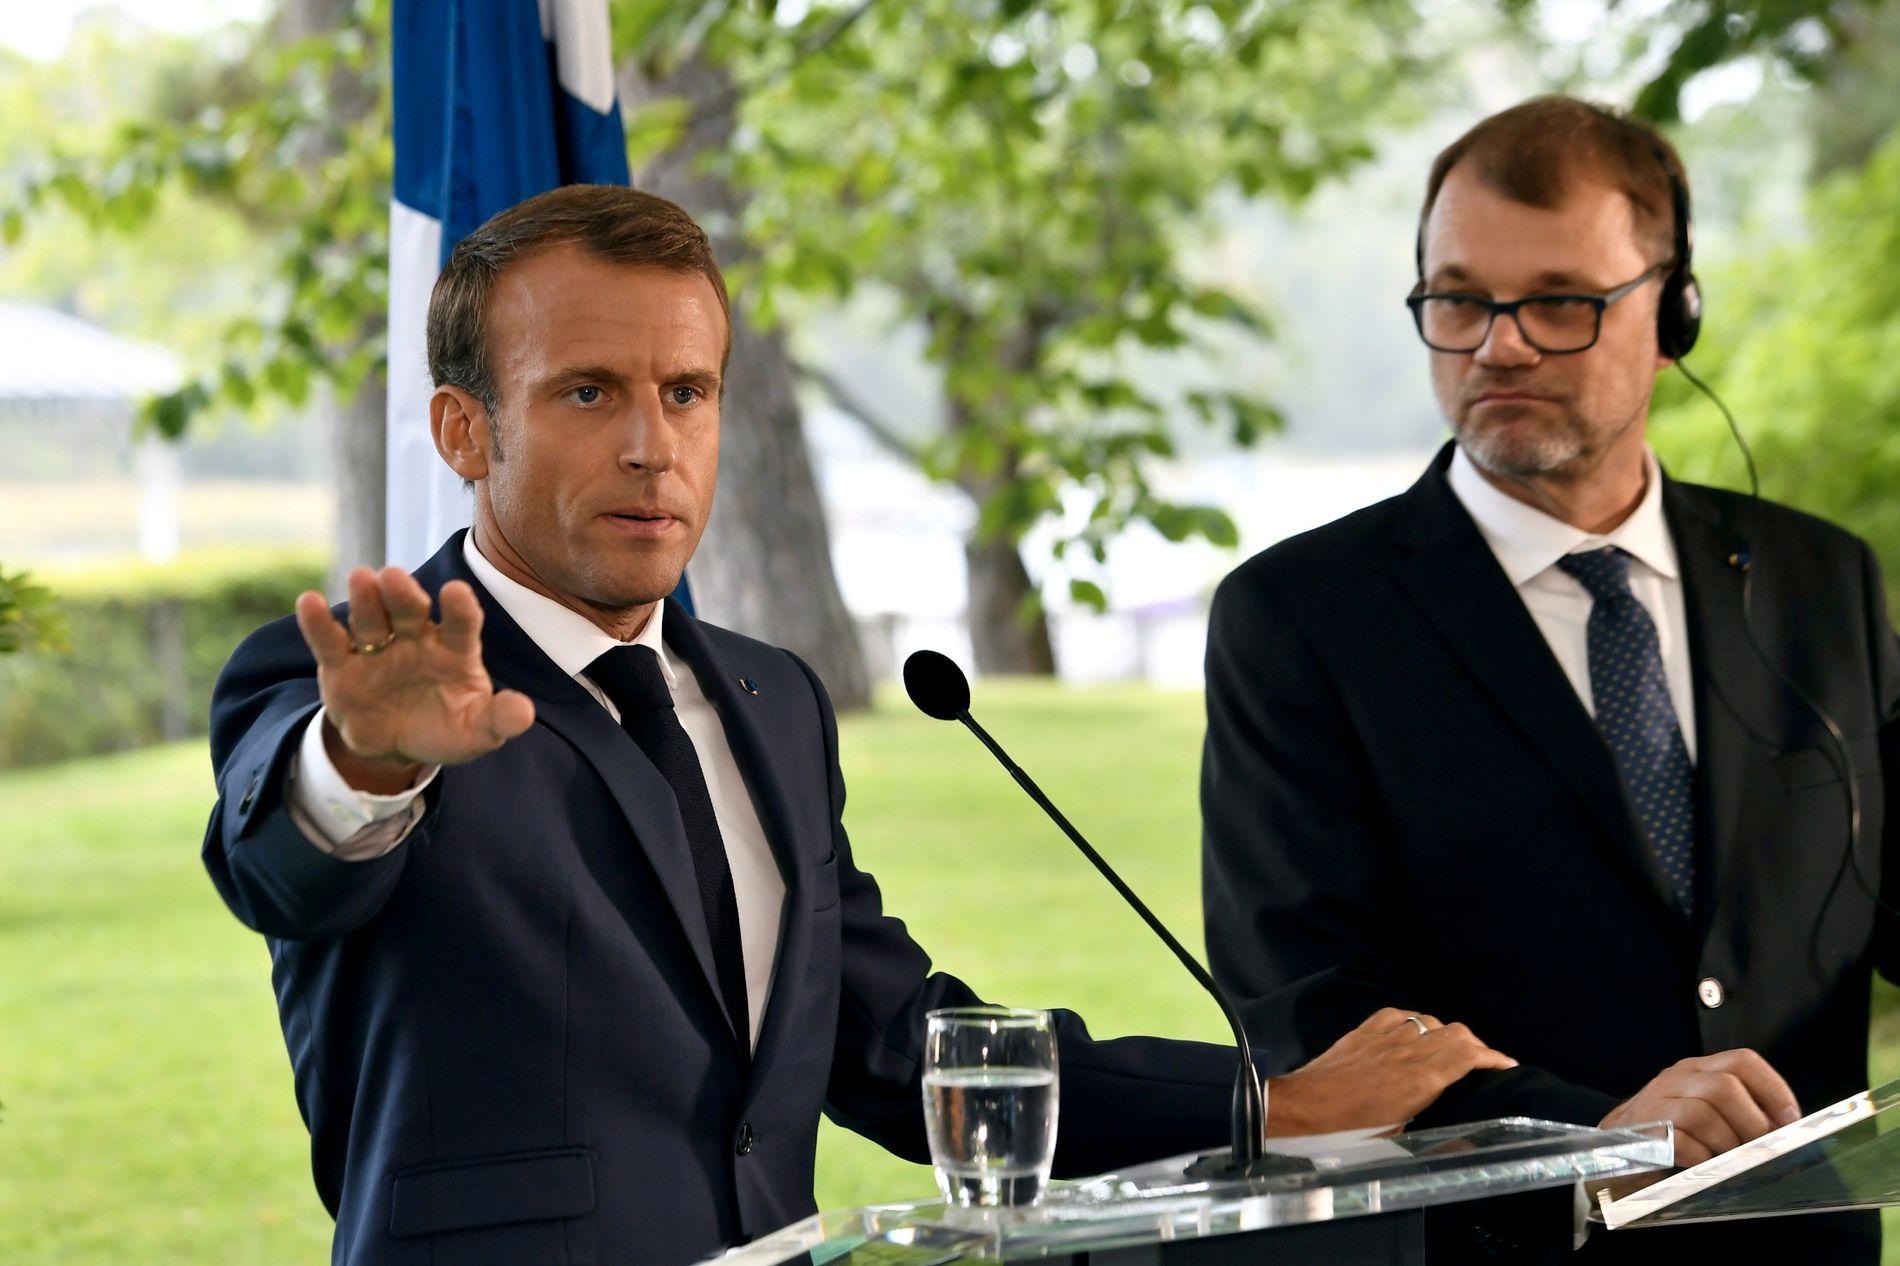 PUNKTERER EU-LØSNING: Frankrikes president Emmanuel Macron møtte sin finske kollega Juha Sipila i Helsingfors torsdag.